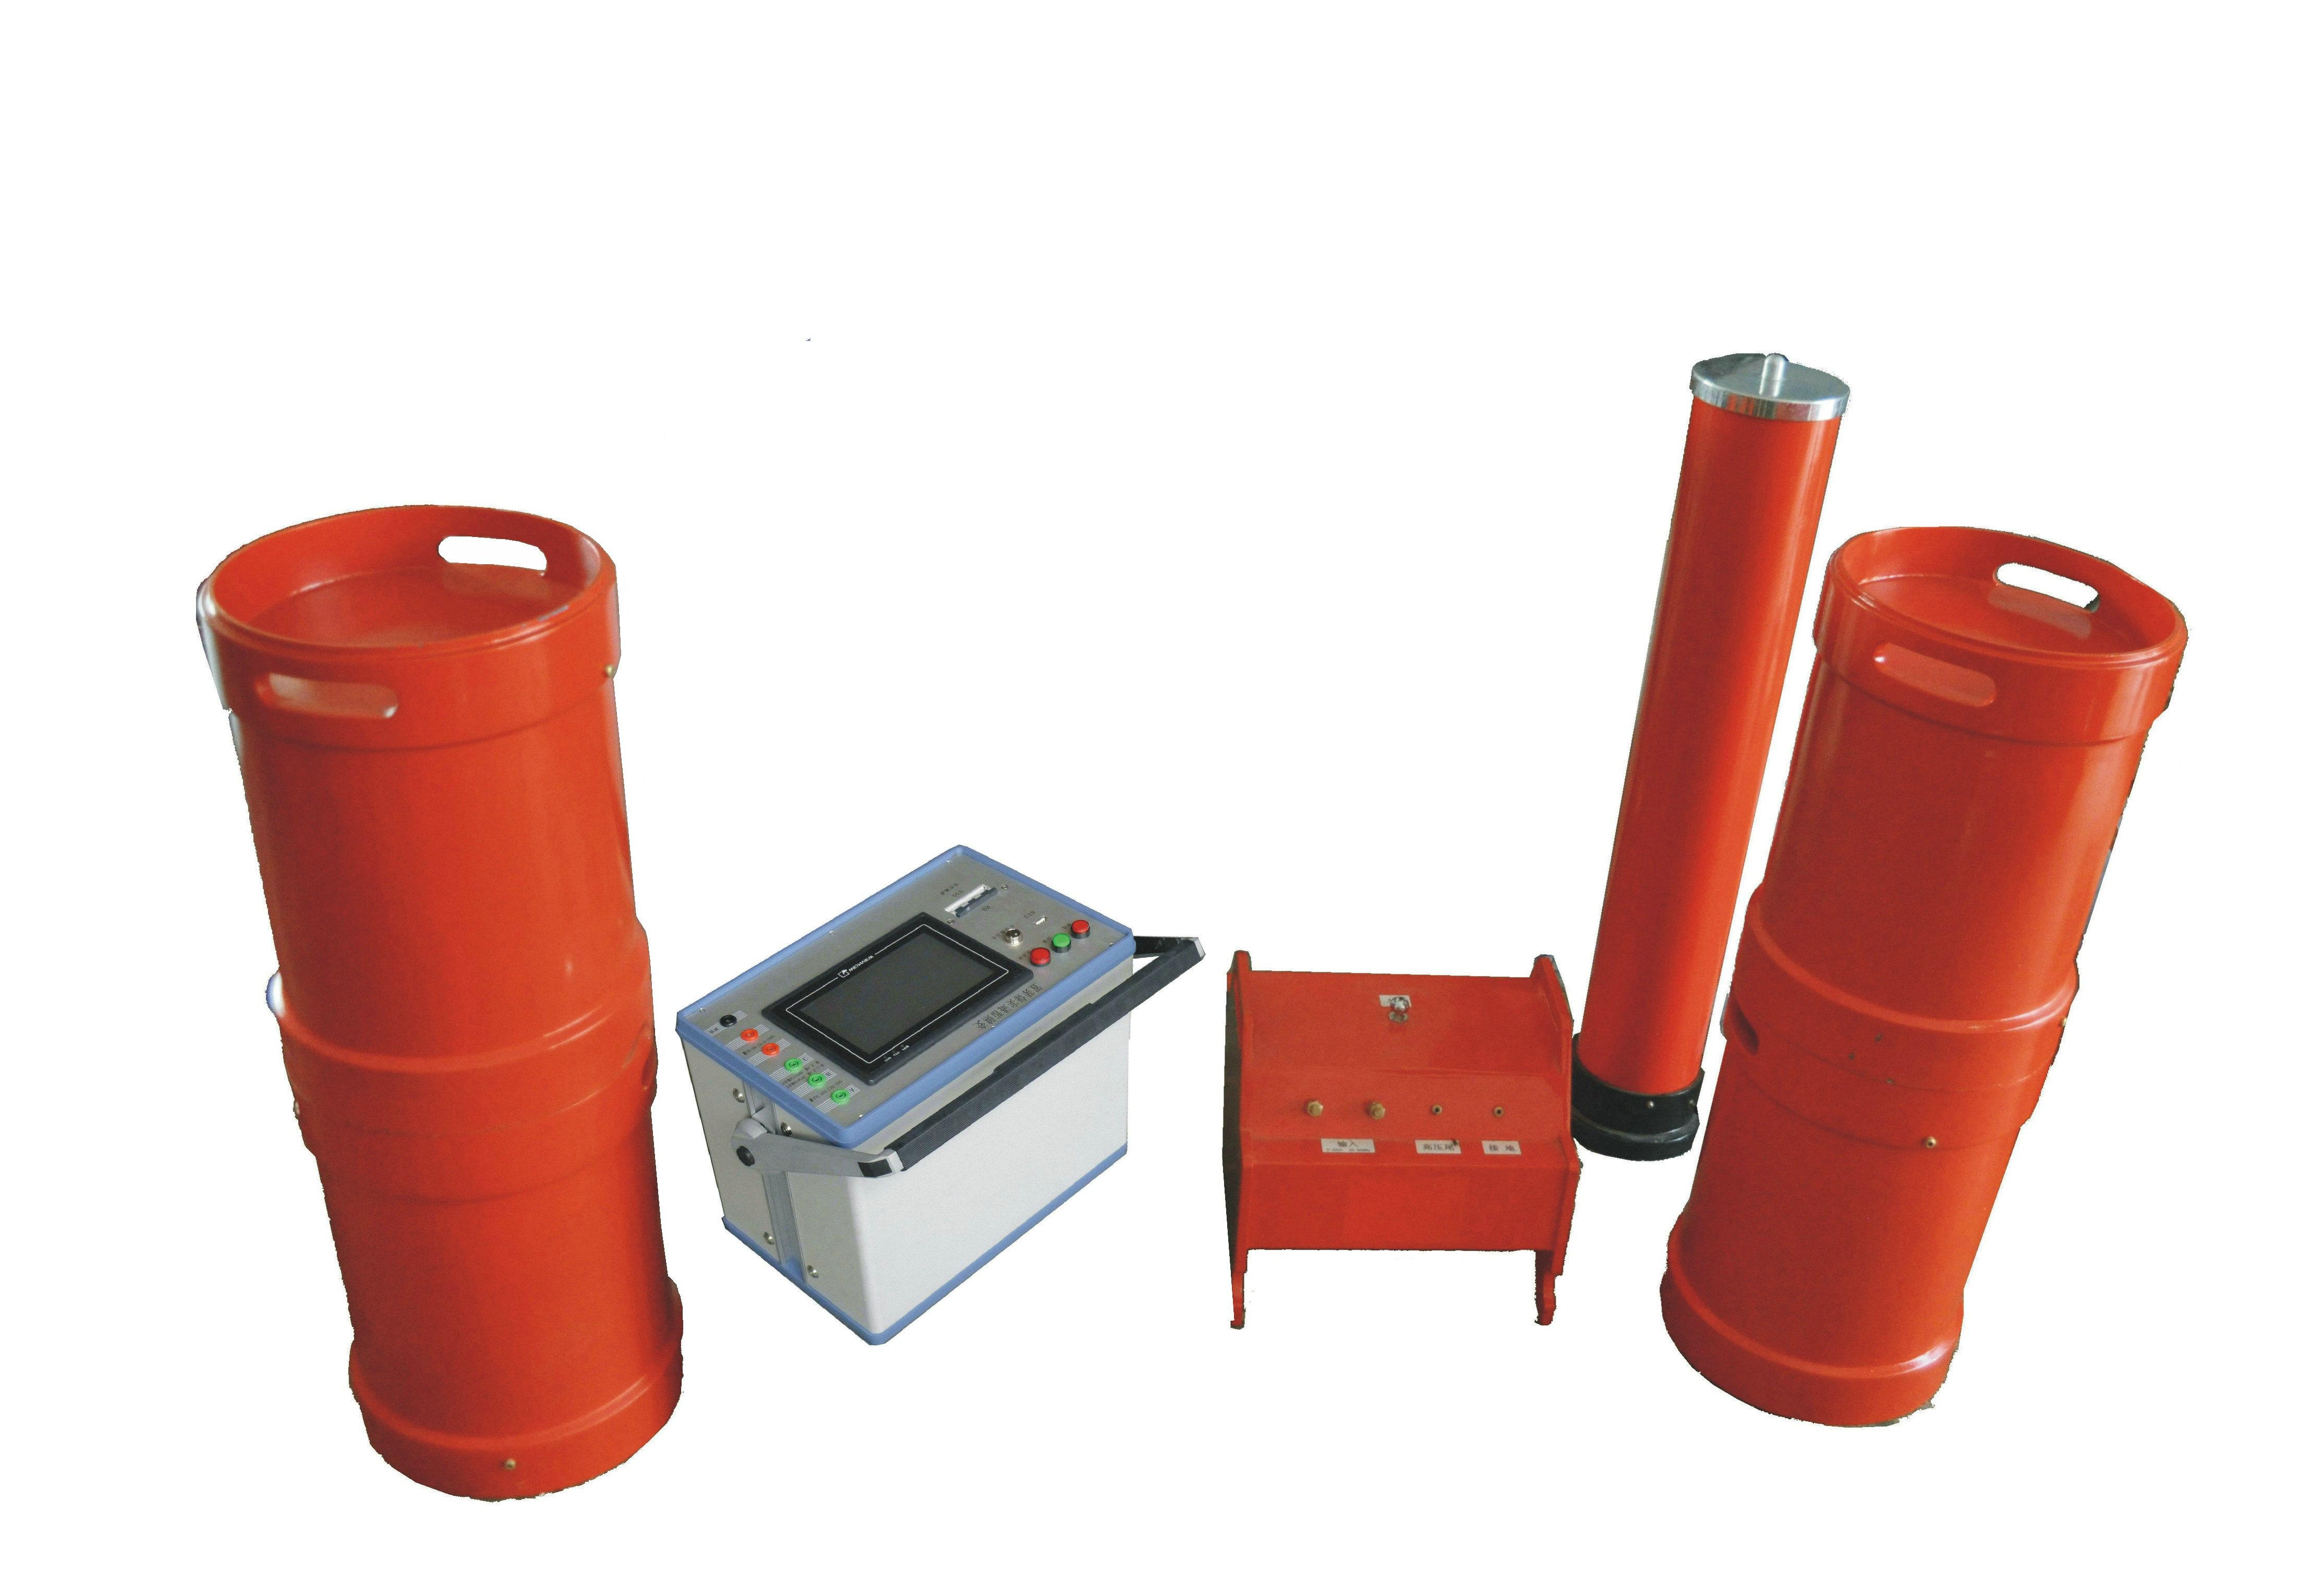 变频串联谐振装置 谐振 工频耐压试验成套装置 变频串联谐振试验装置 变频串联谐振,谐振试验装置,工频耐压试验,耐压仪